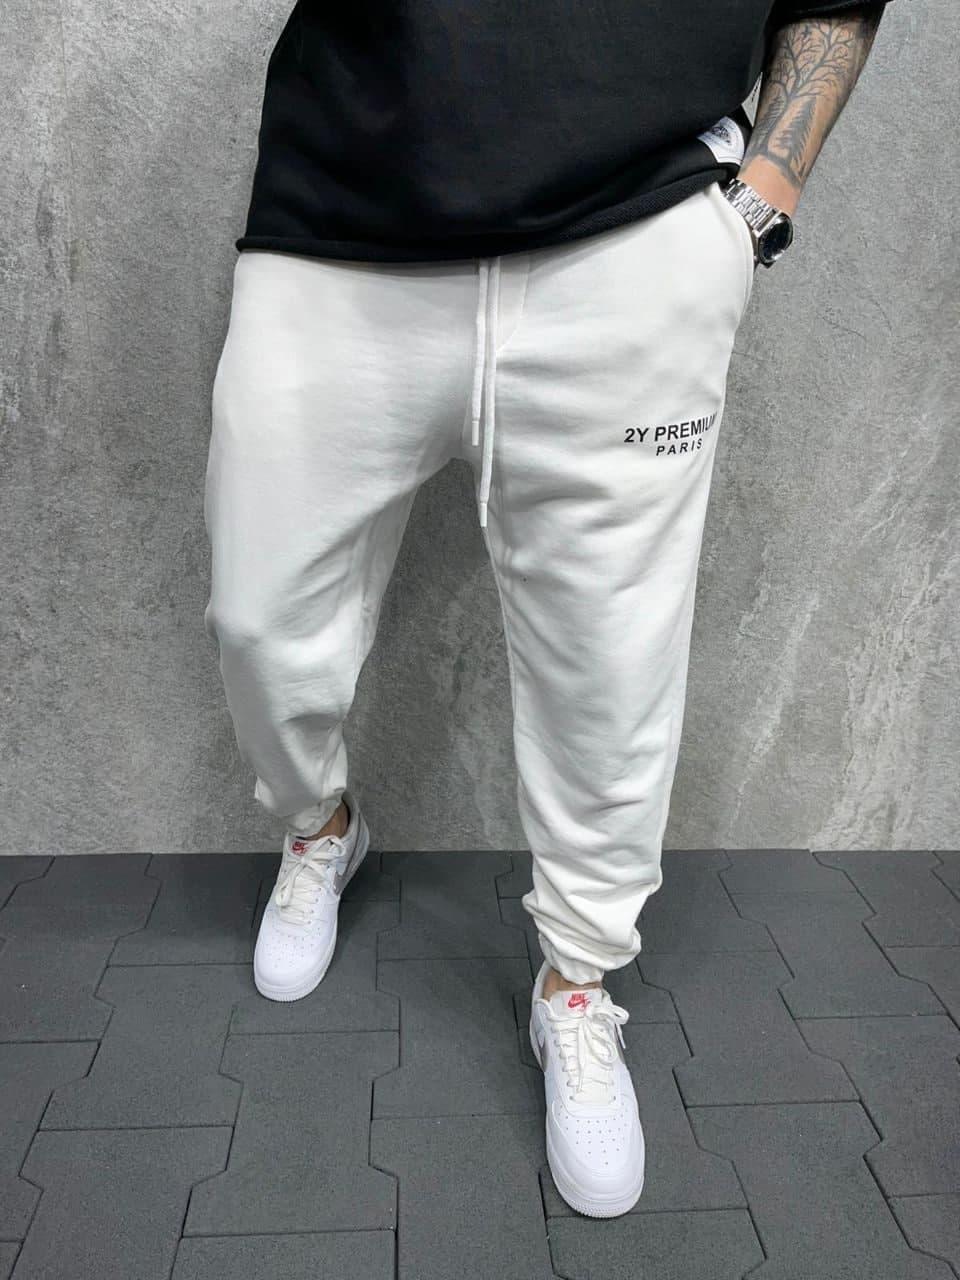 Чоловічі спортивні штани білі 2Y Premium Paris